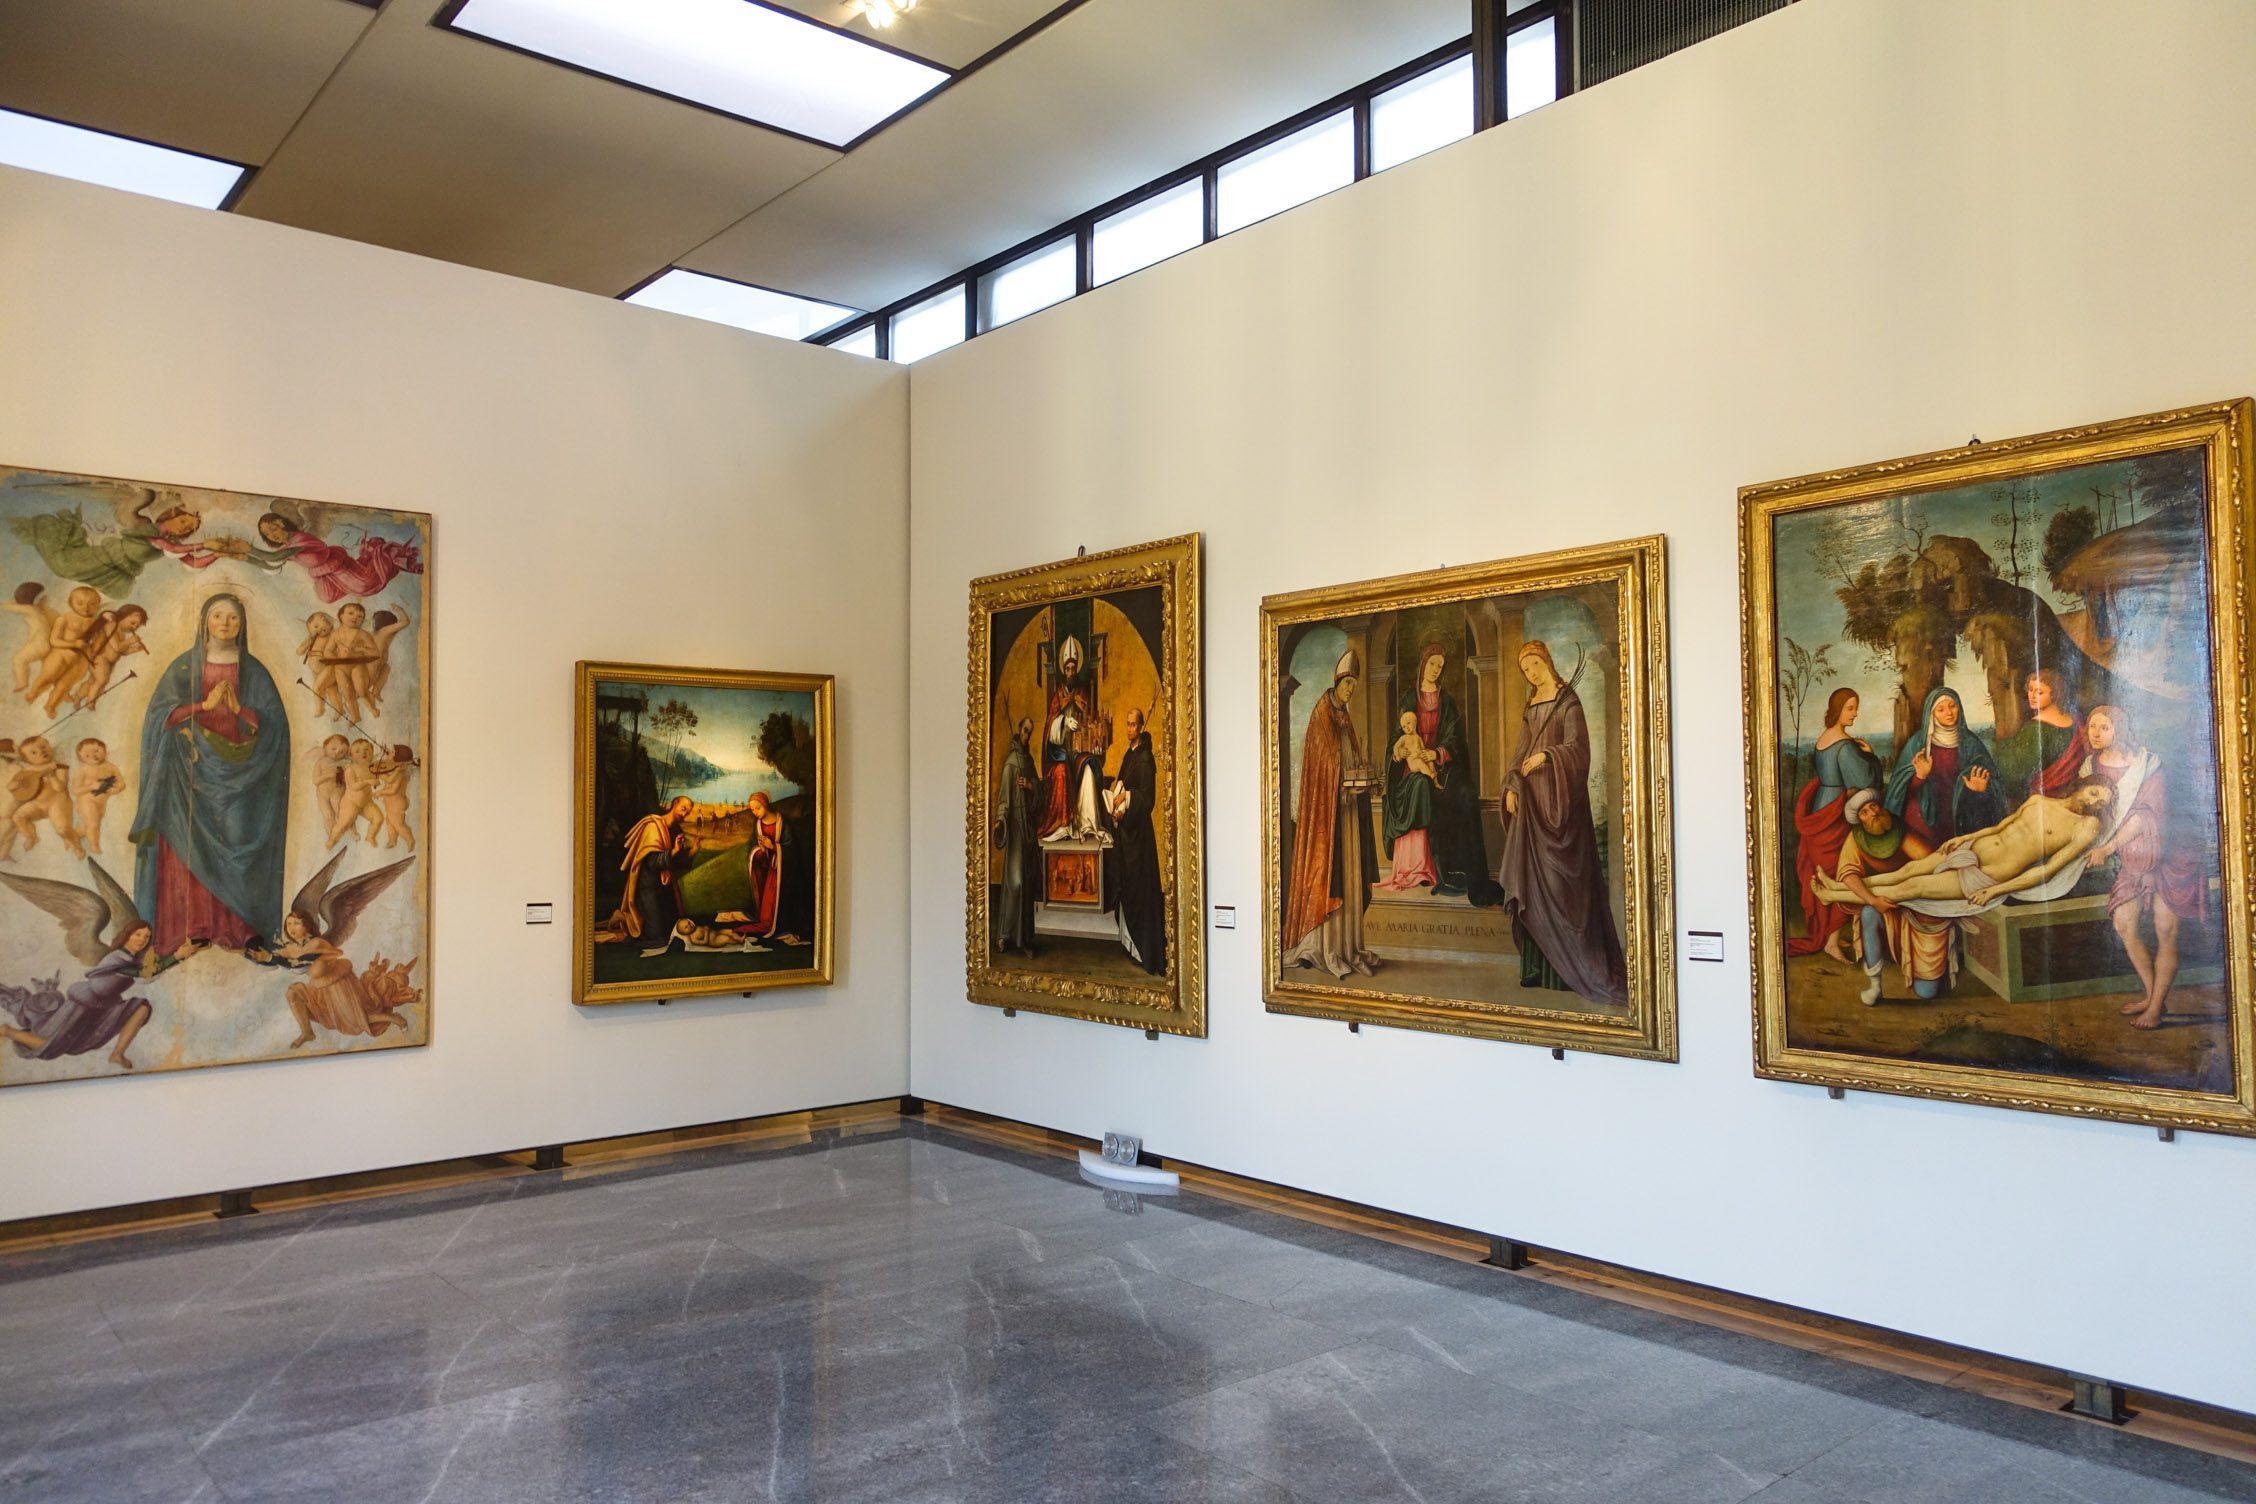 een kijkje in de Pinacoteca